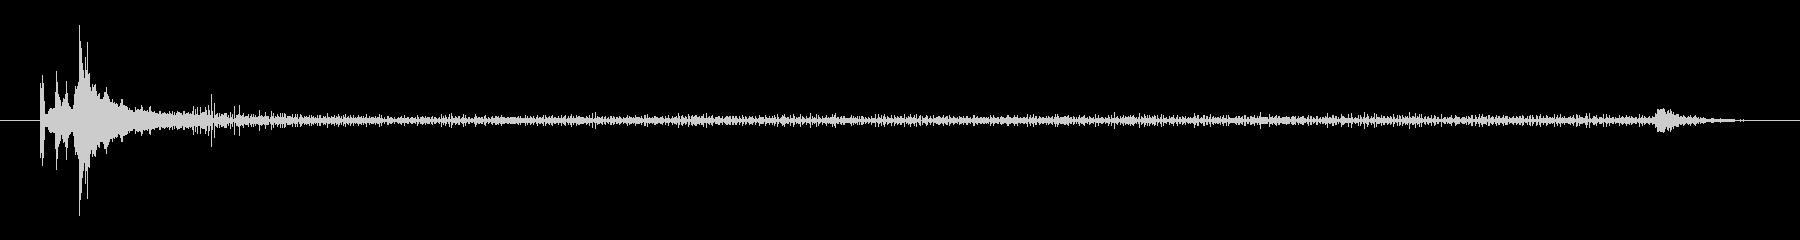 FI デバイス レーザー溶接機ロング03の未再生の波形